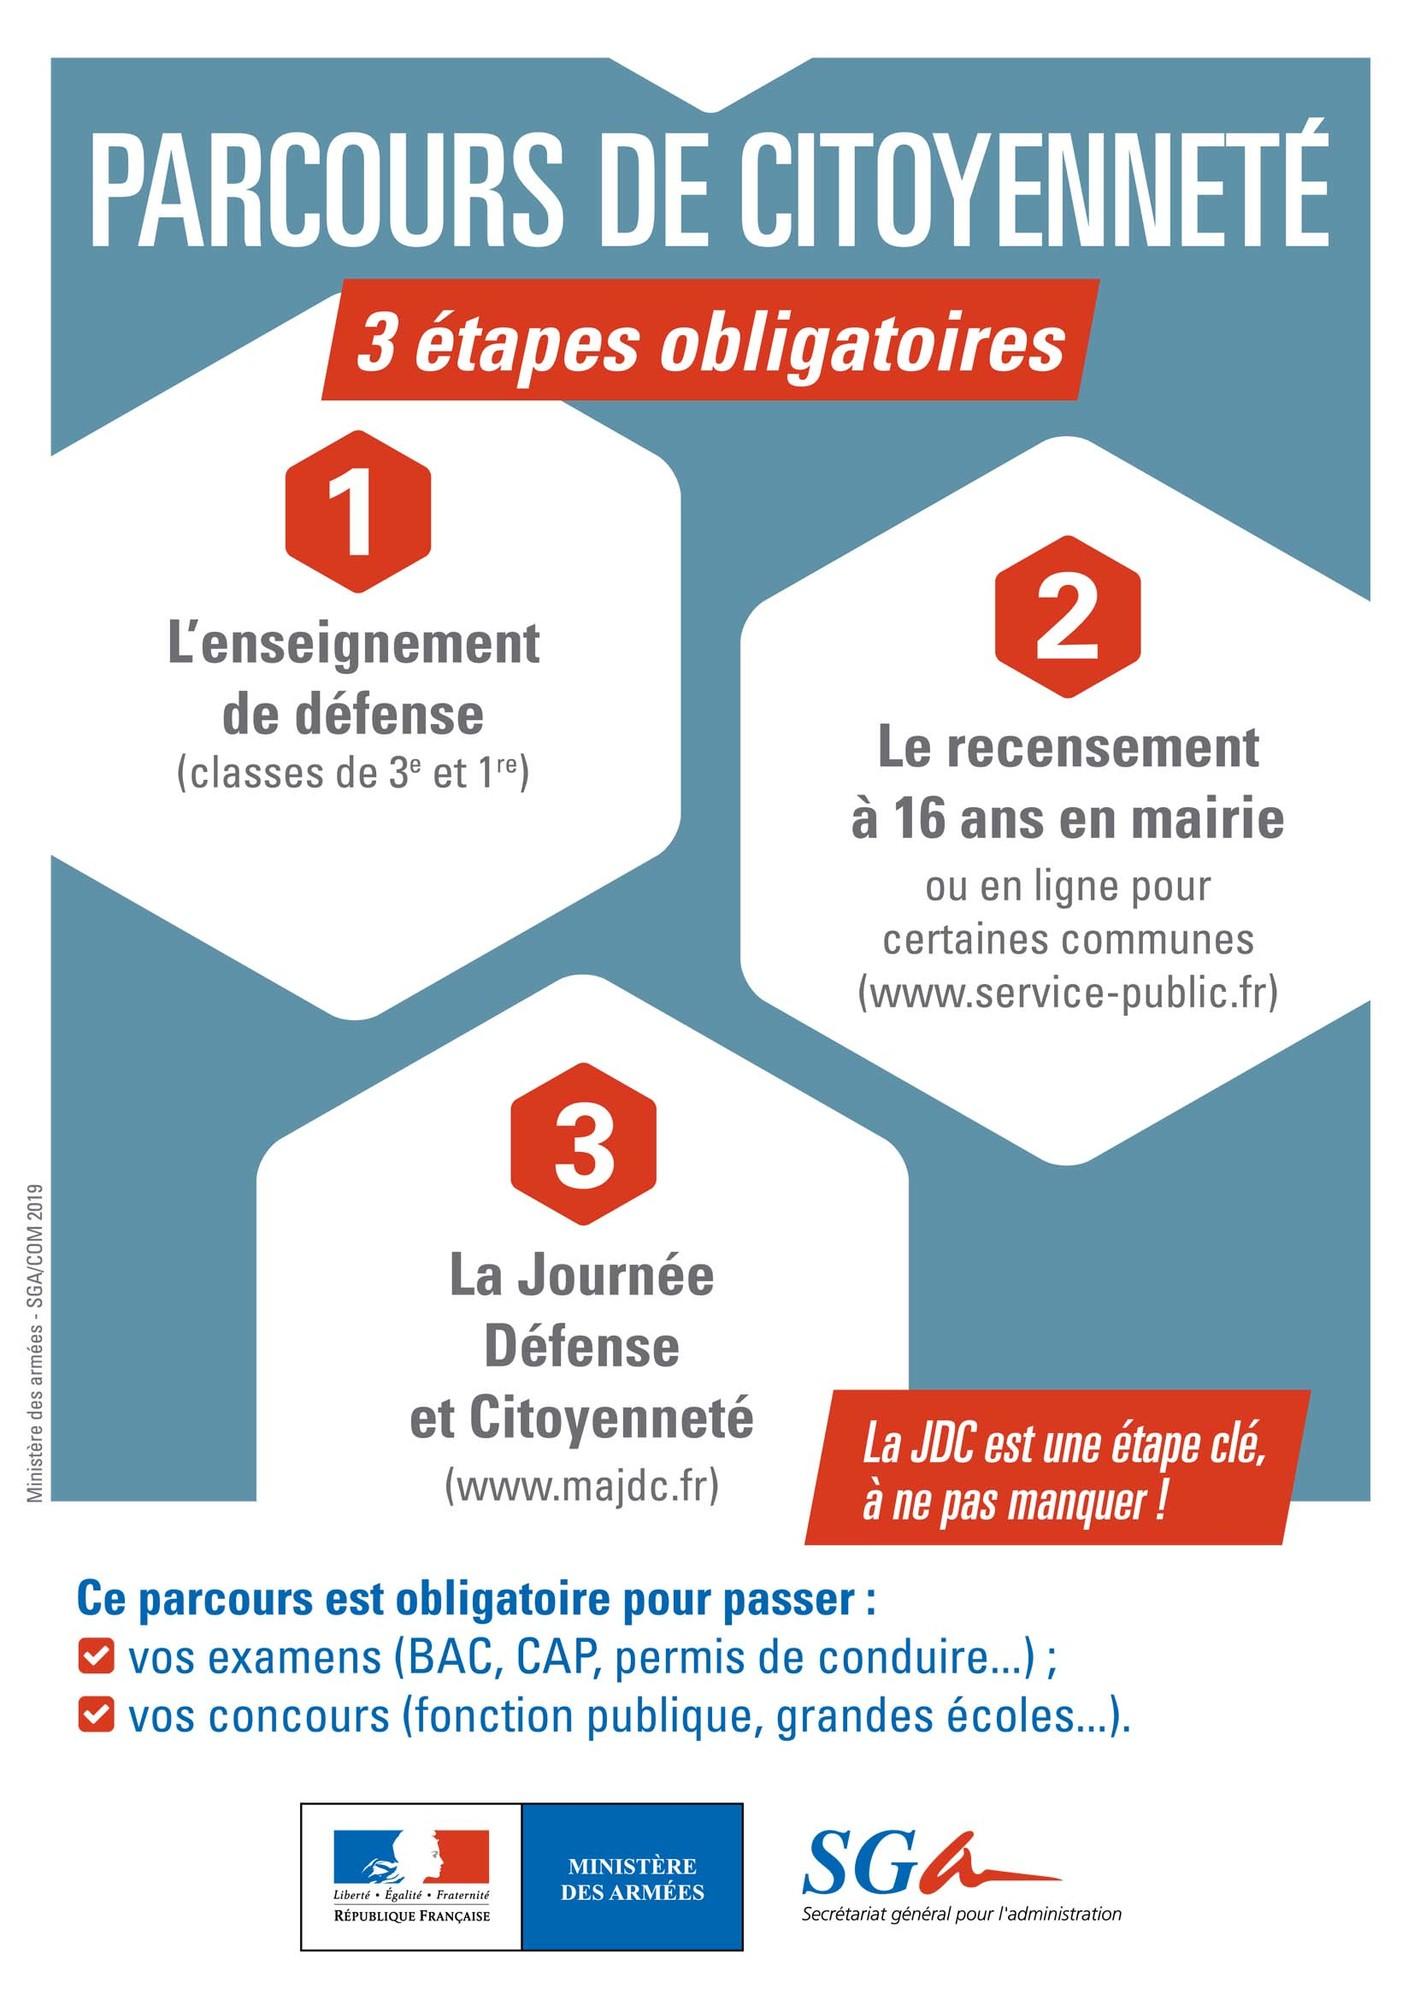 visuel_parcours_def_citoyenneté_graphique_vectoA5_A3